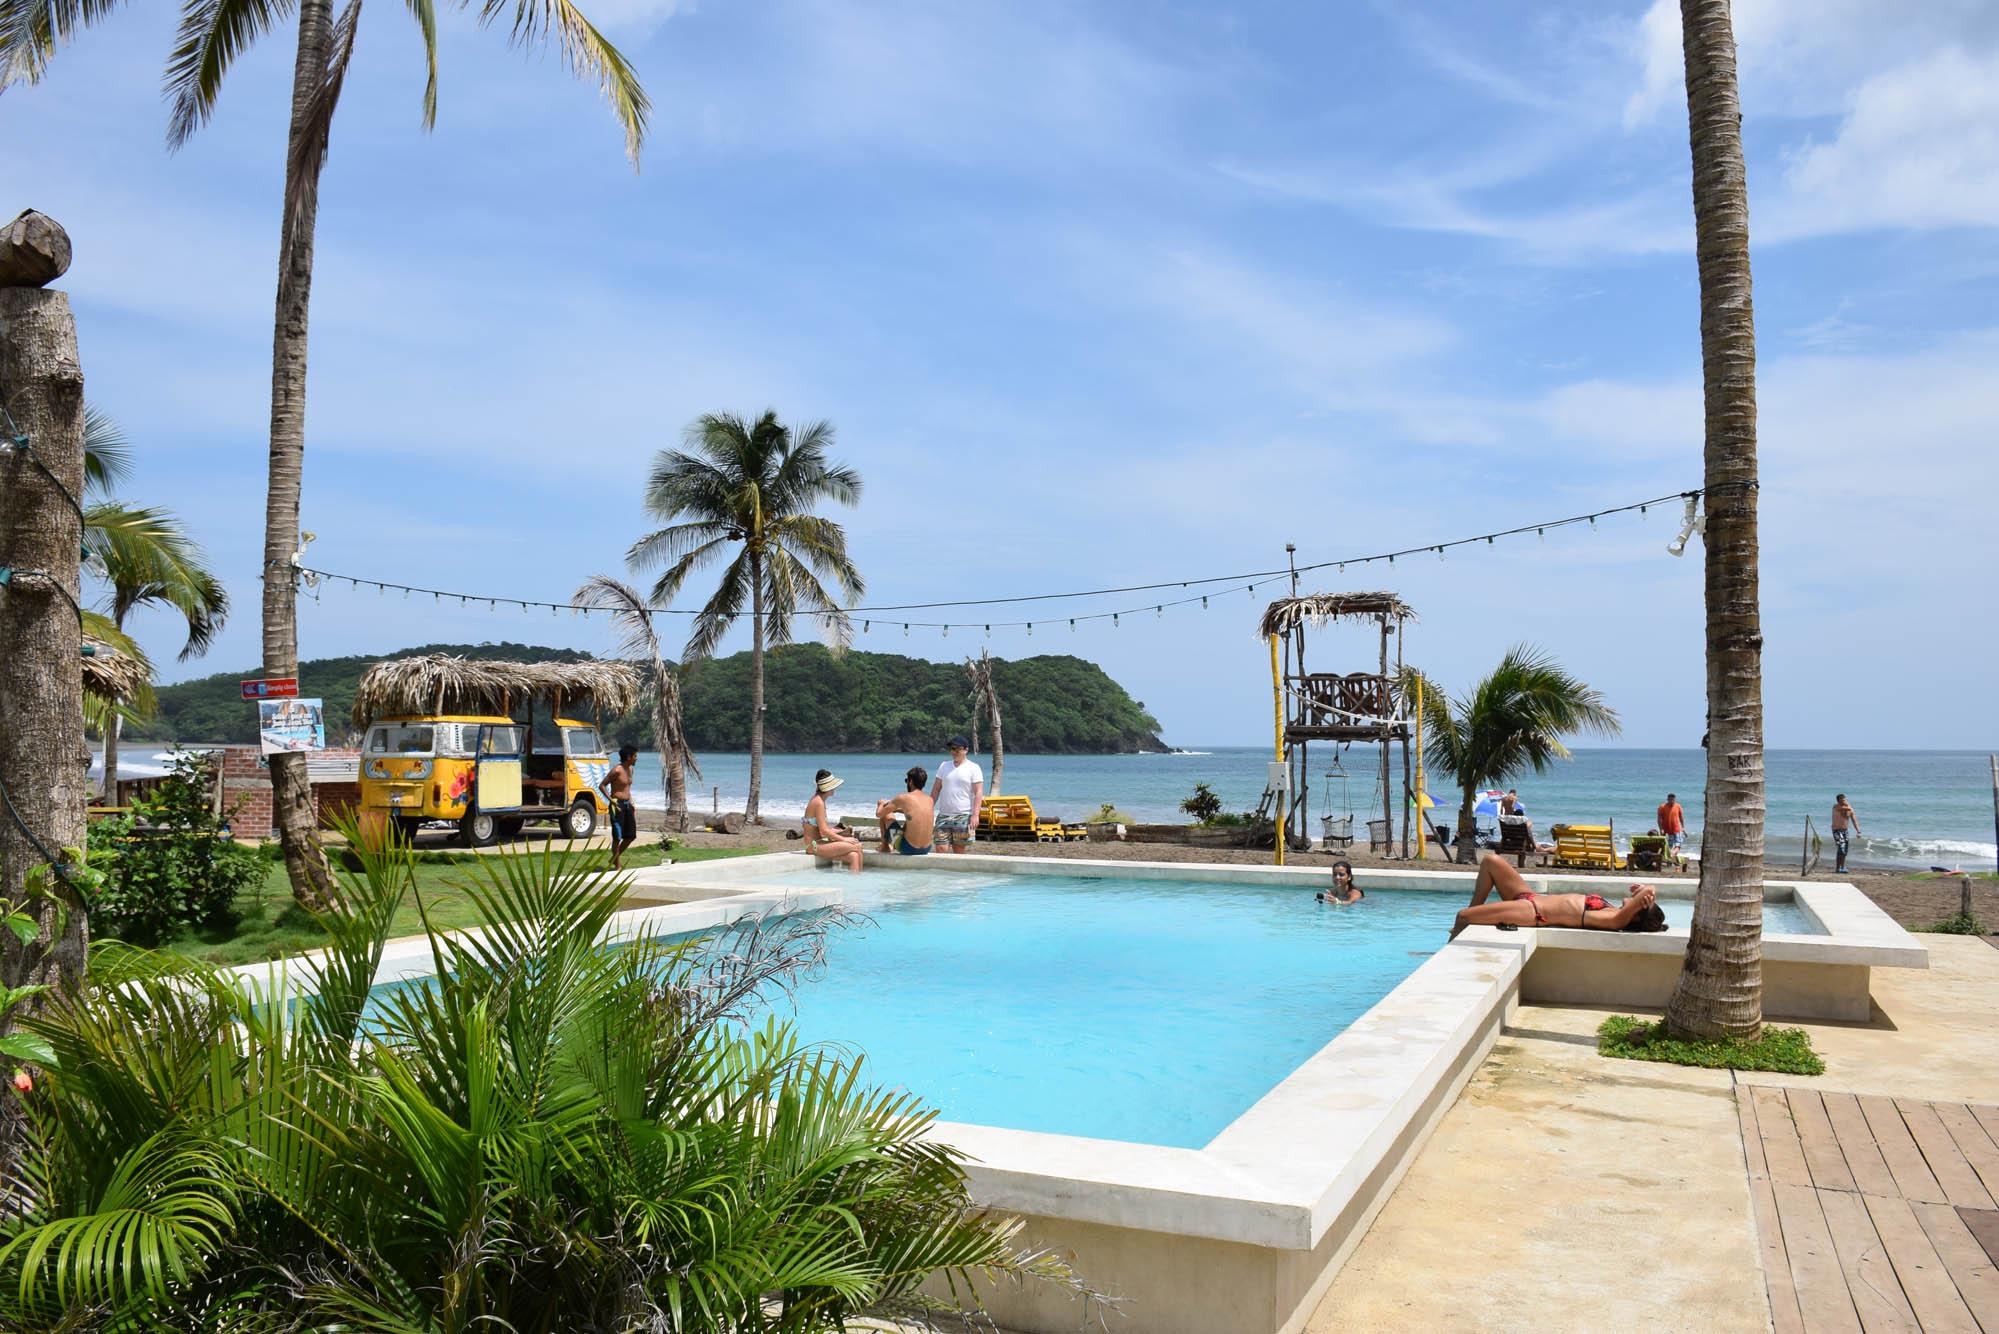 Piscina deliciosa e decoração mega descolada | Selina Hostel Playa Venao